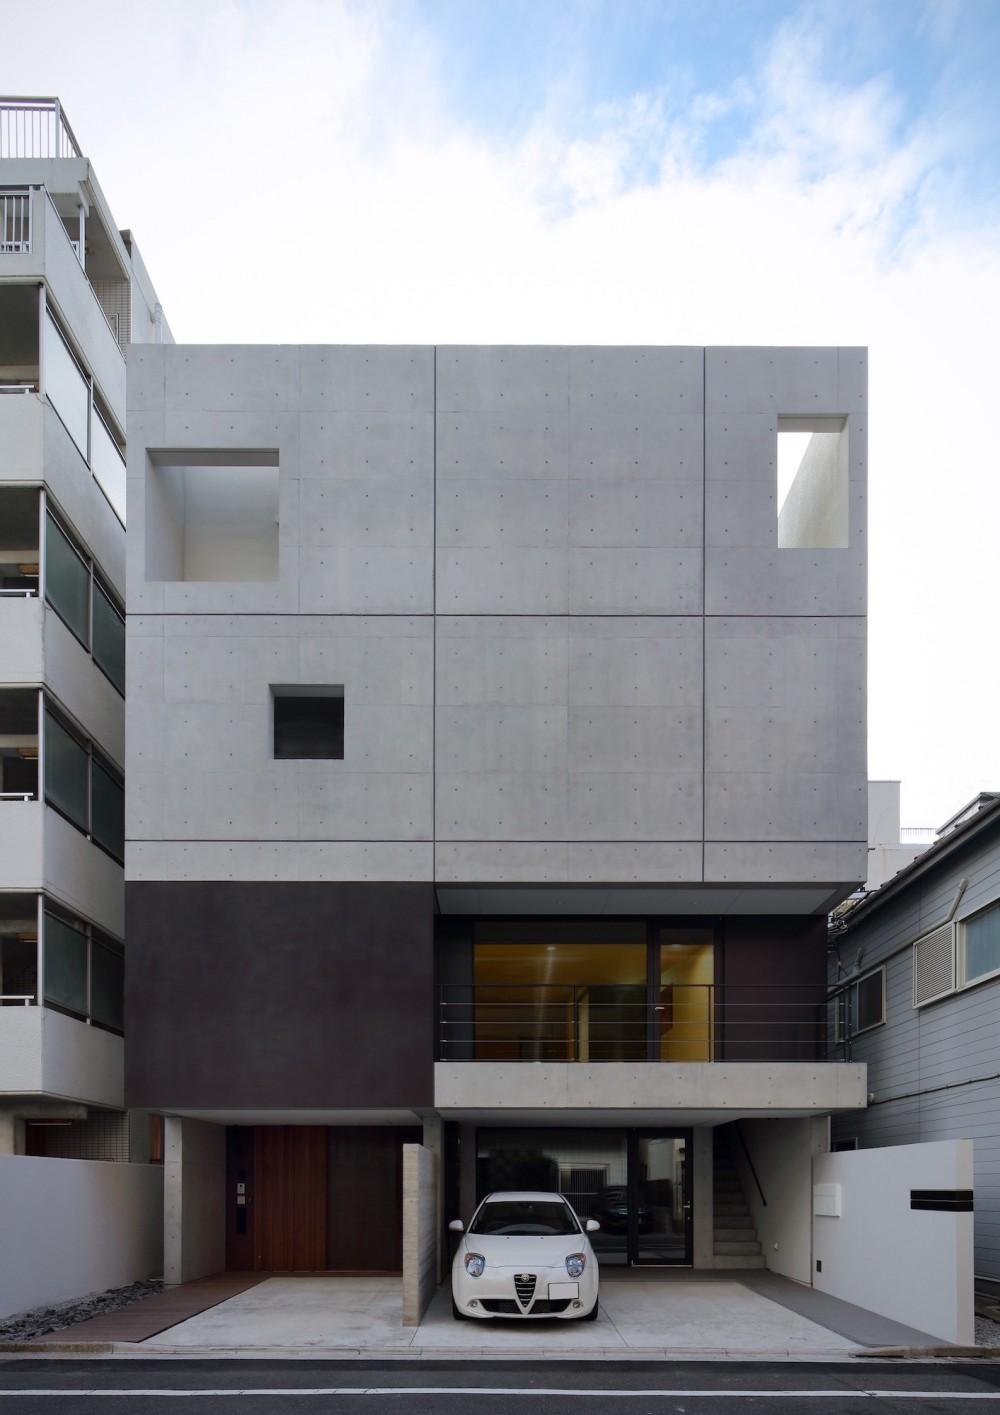 Double Wall House / ダブルウォールハウス (外観)